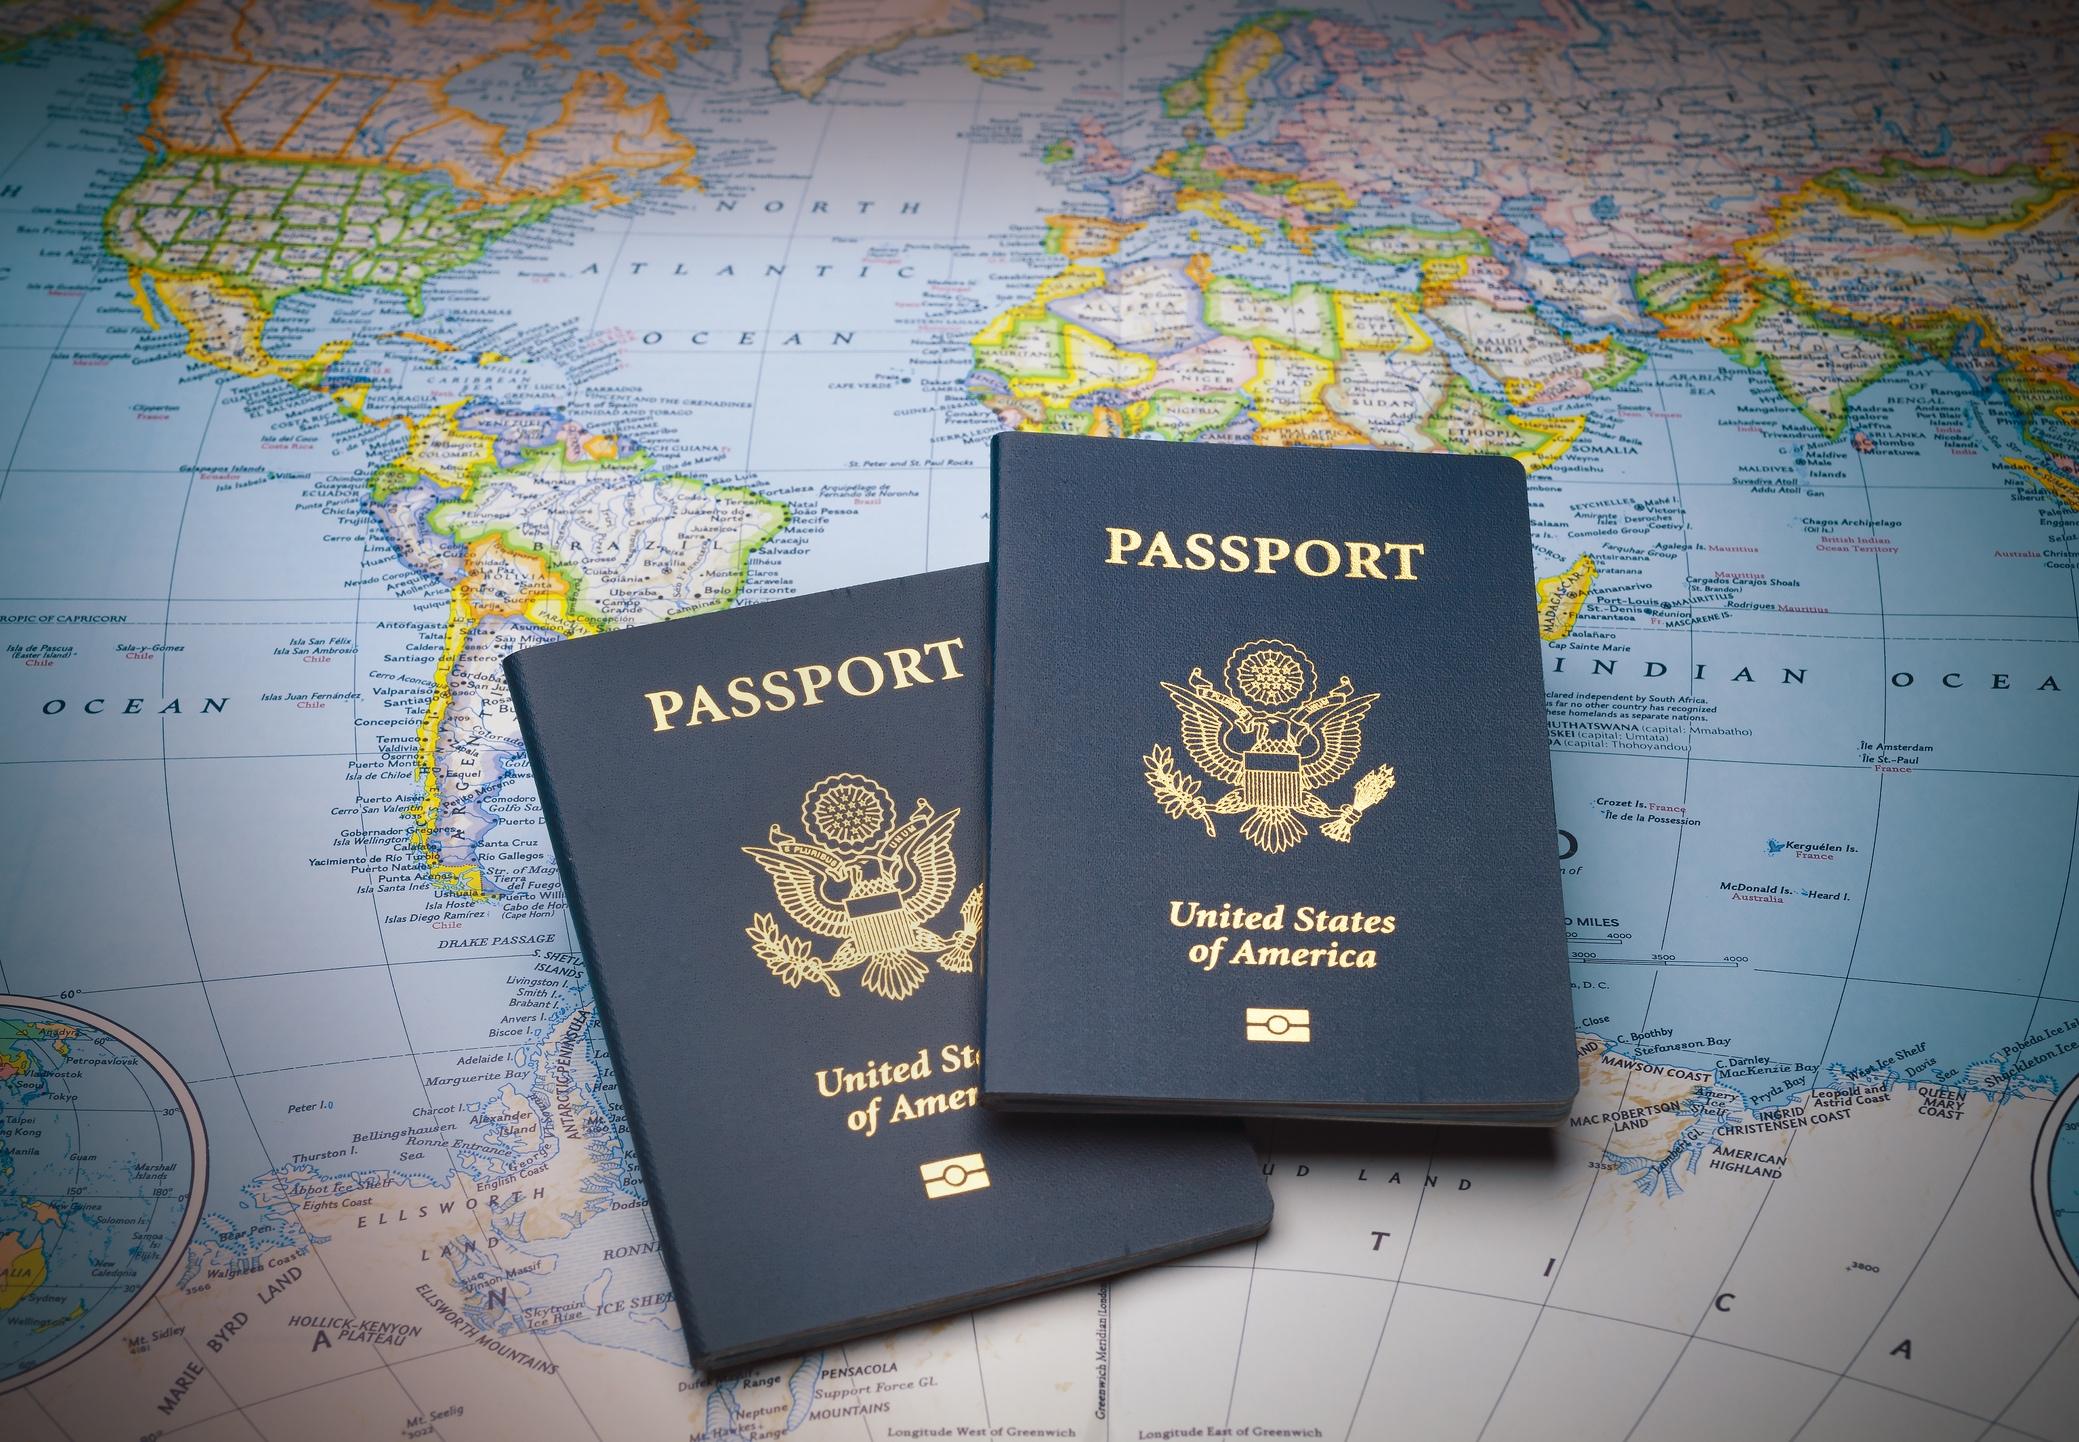 iStock-486884556 passport shot.jpg